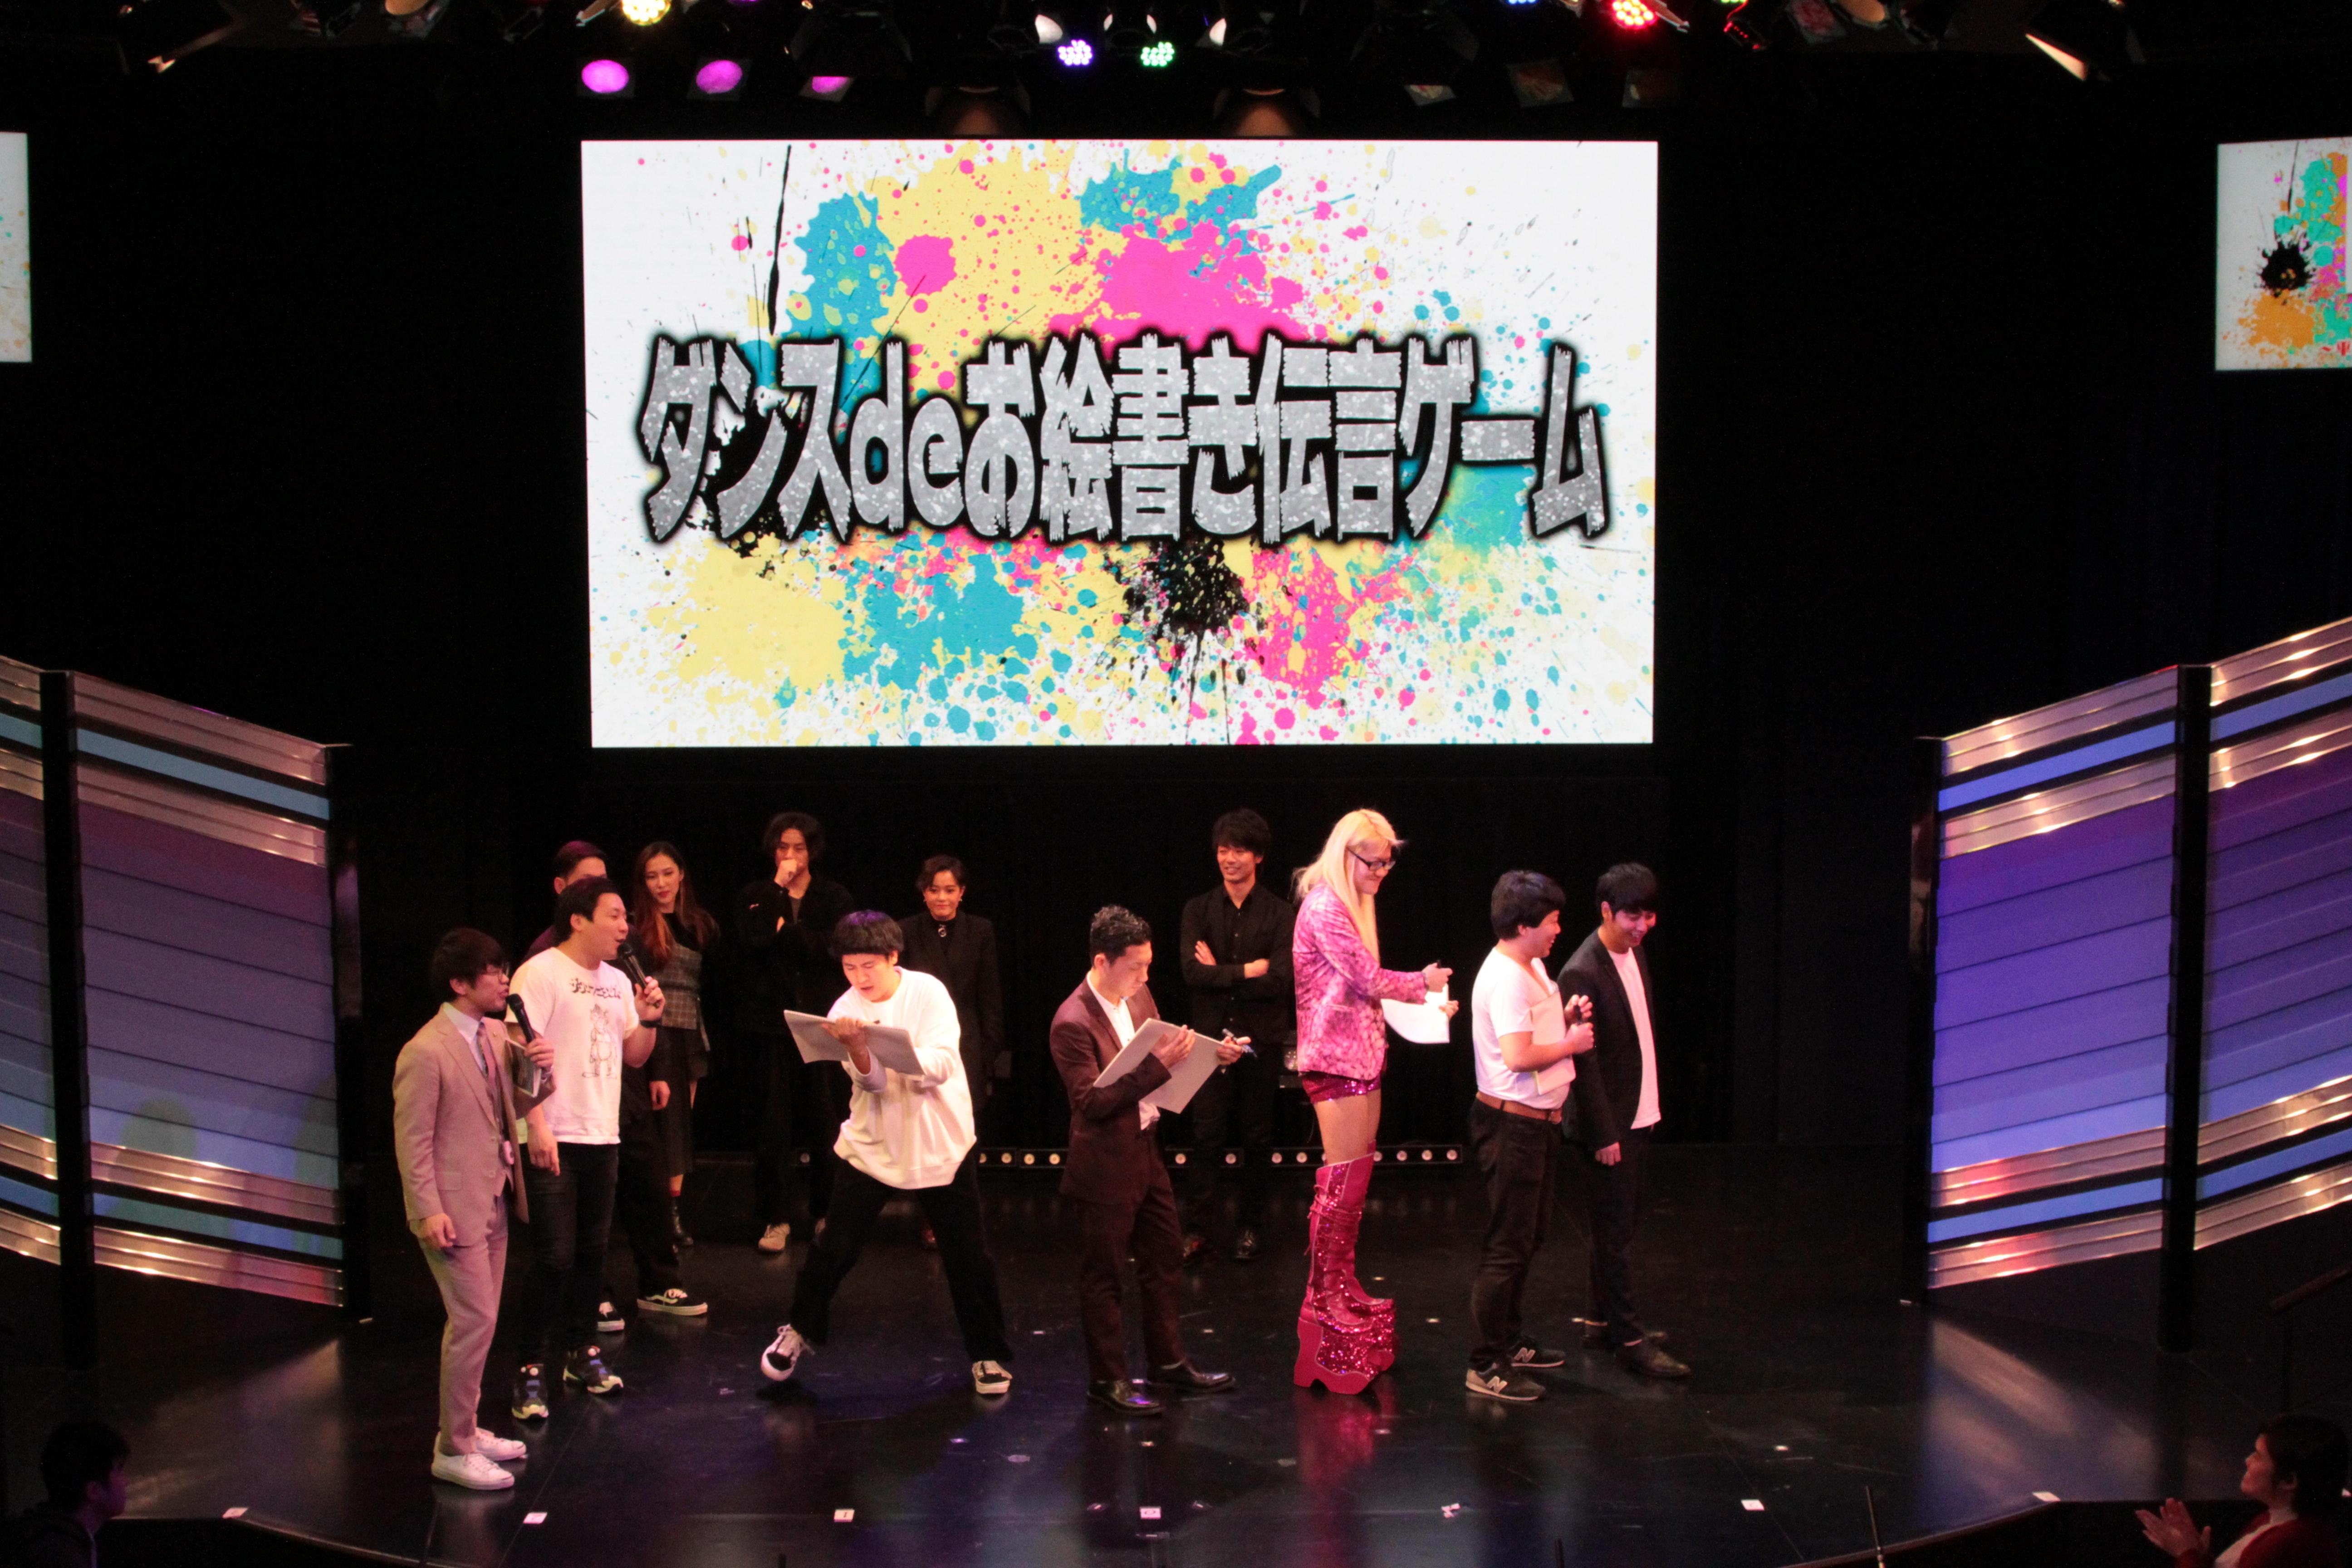 http://news.yoshimoto.co.jp/20190107132737-8ecc226da2b3240a631d951a429ab8be69134fd9.jpg